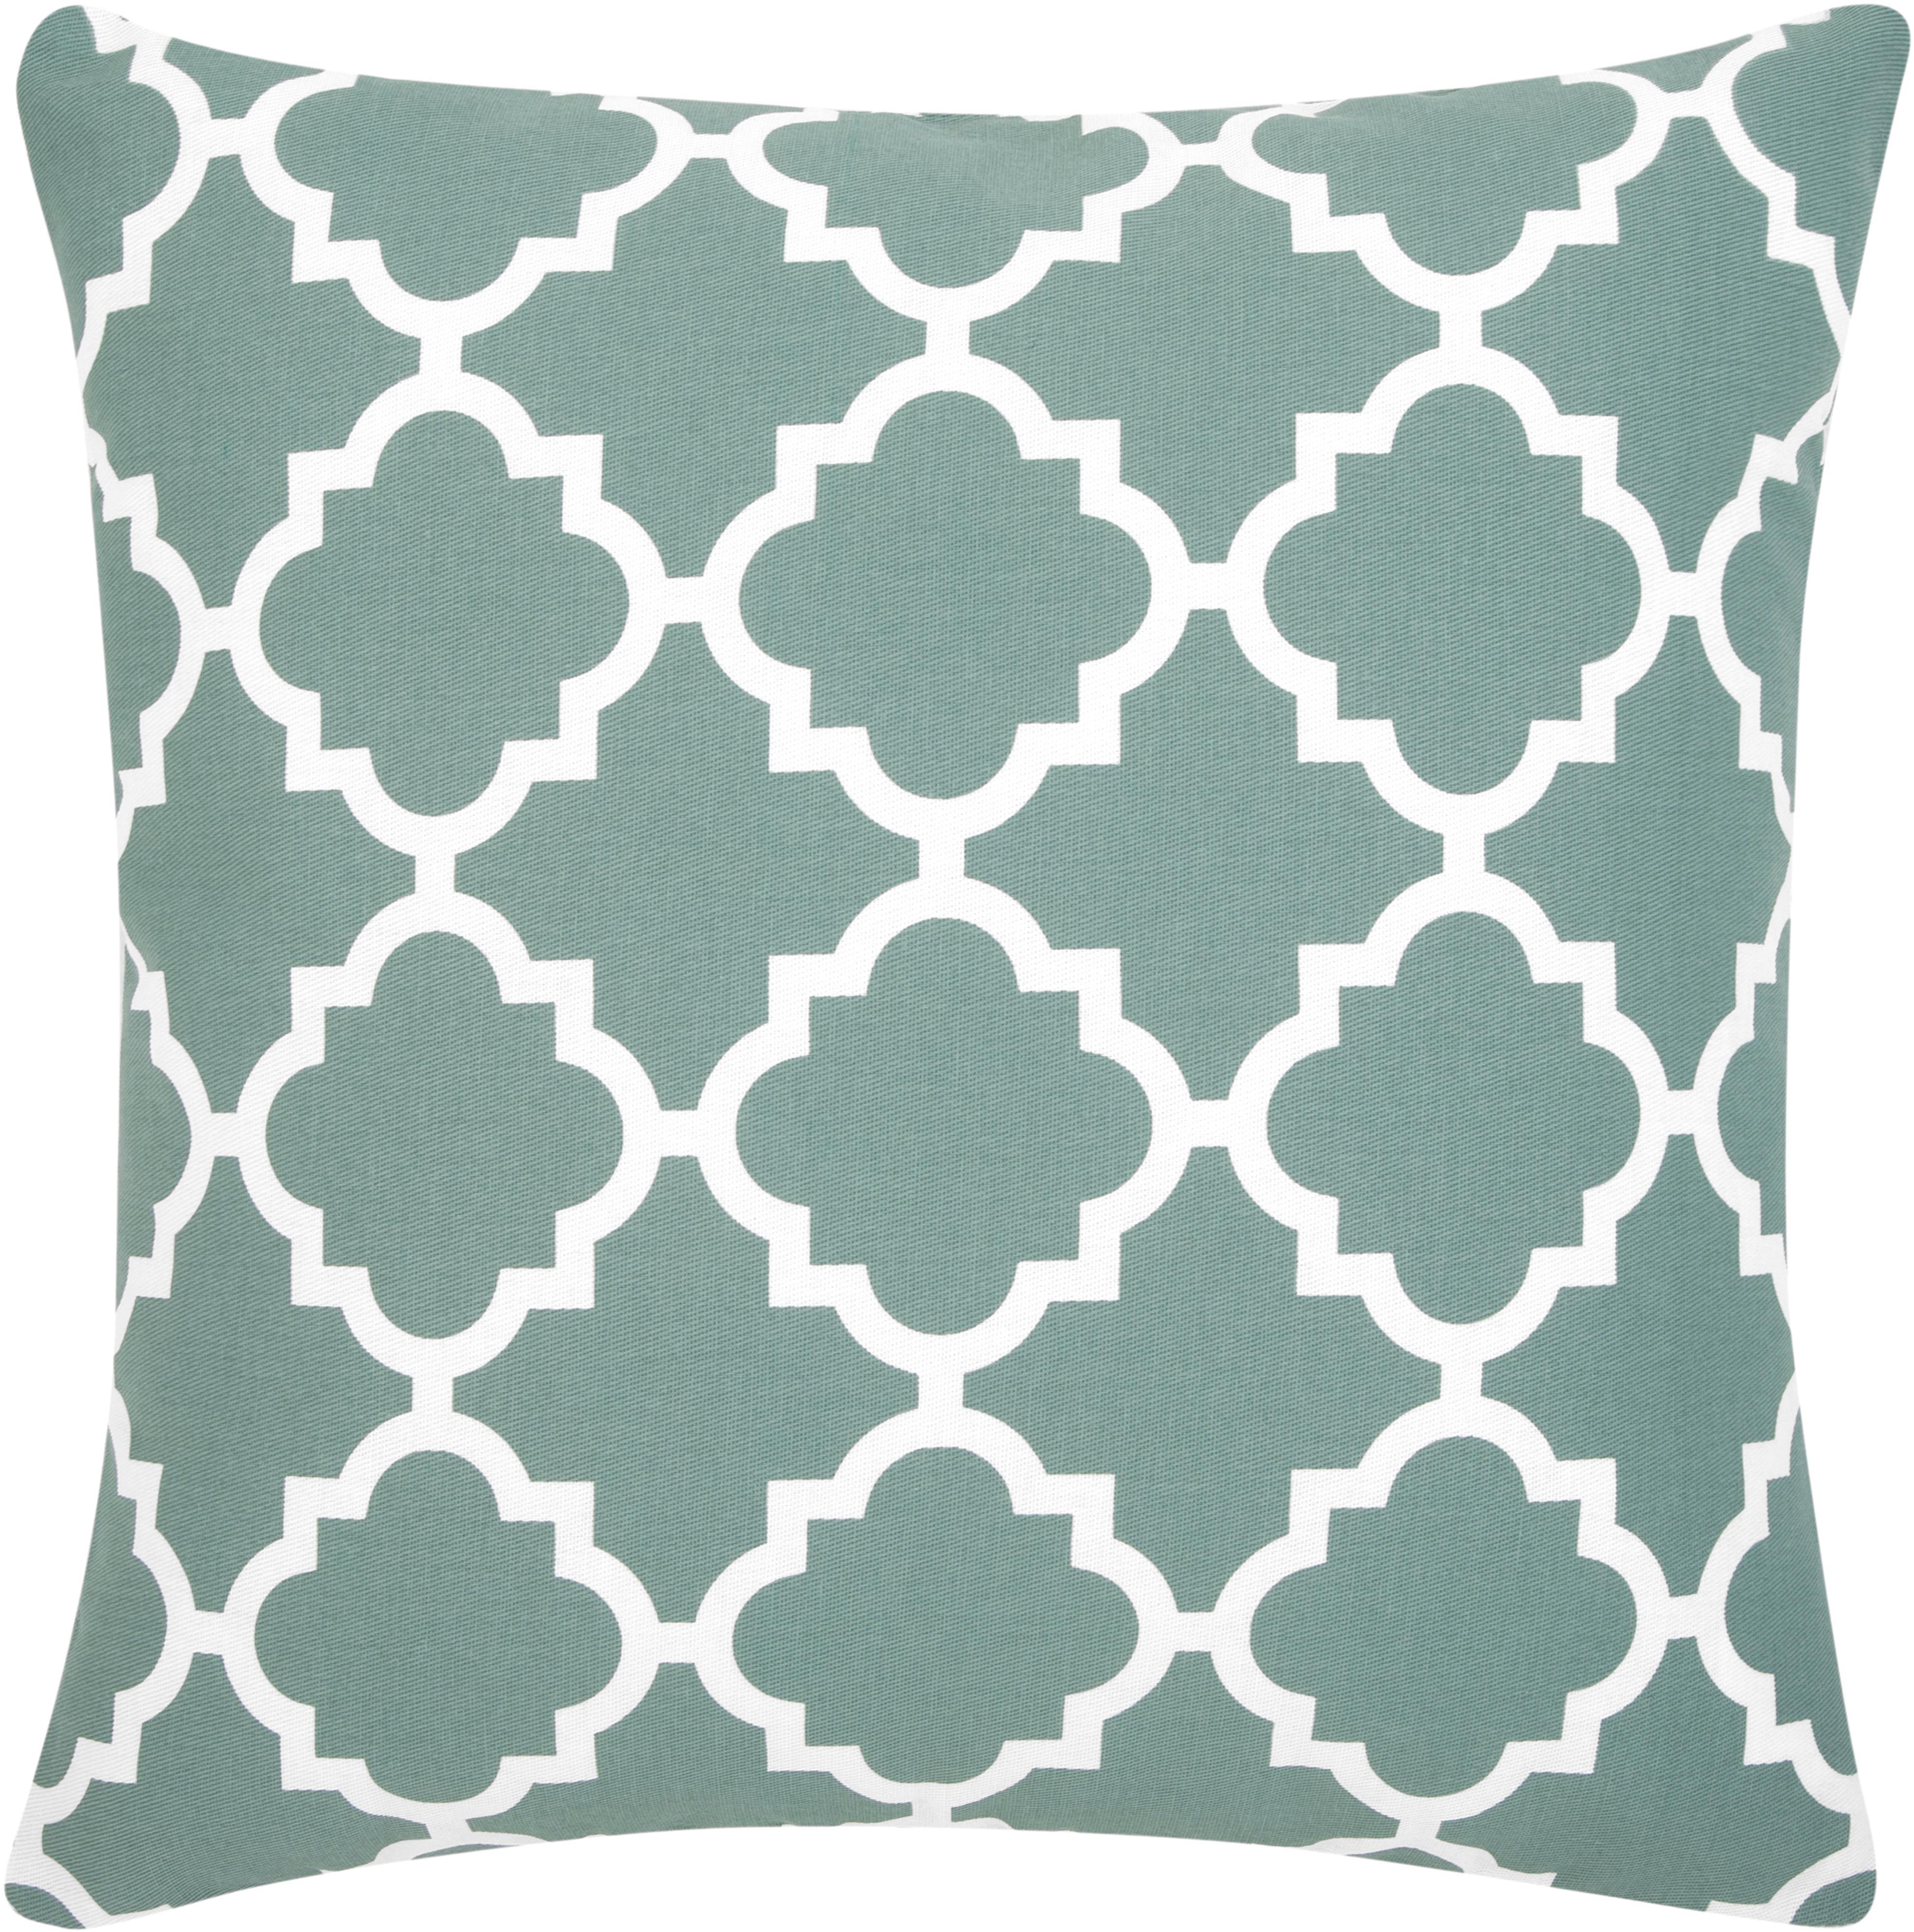 Kissenhülle Lana mit grafischem Muster, 100% Baumwolle, Salbeigrün, Weiss, 45 x 45 cm